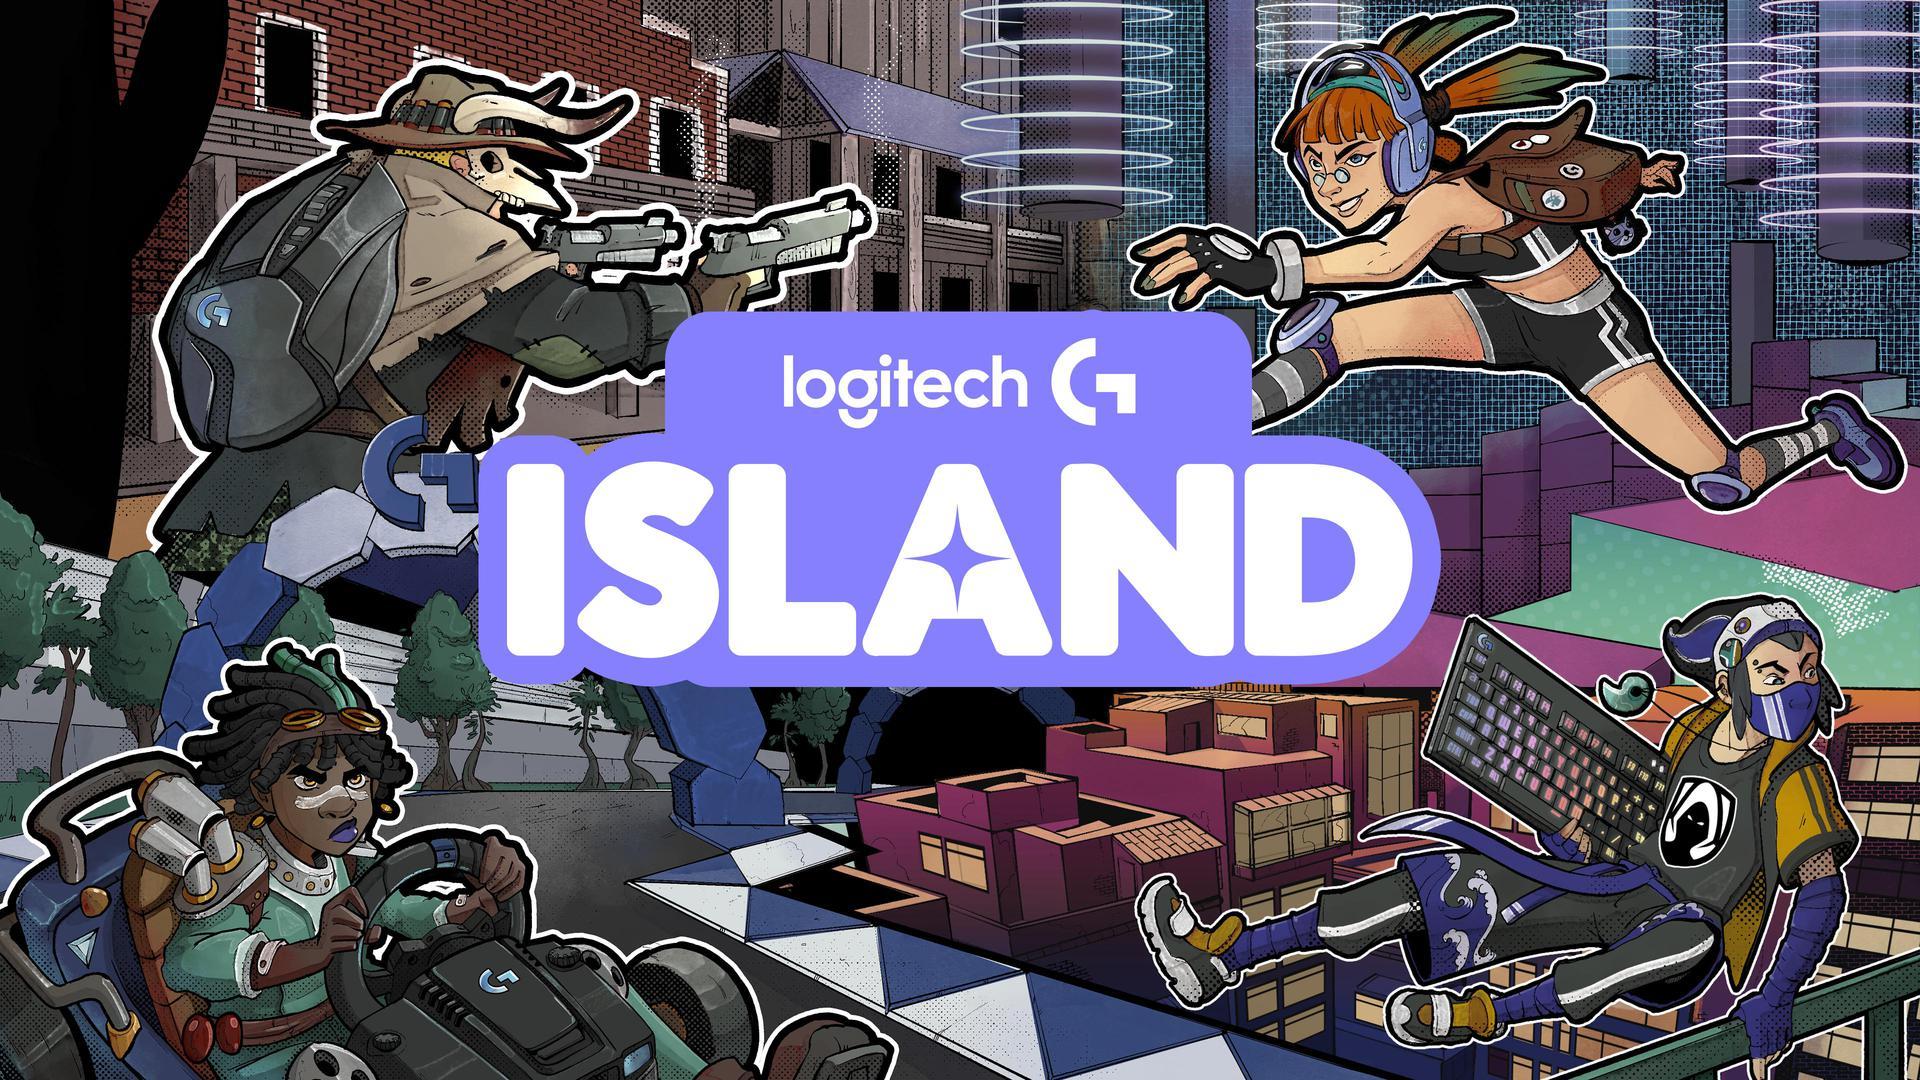 Logitech G anuncia una increíble experiencia gaming en Fortnite